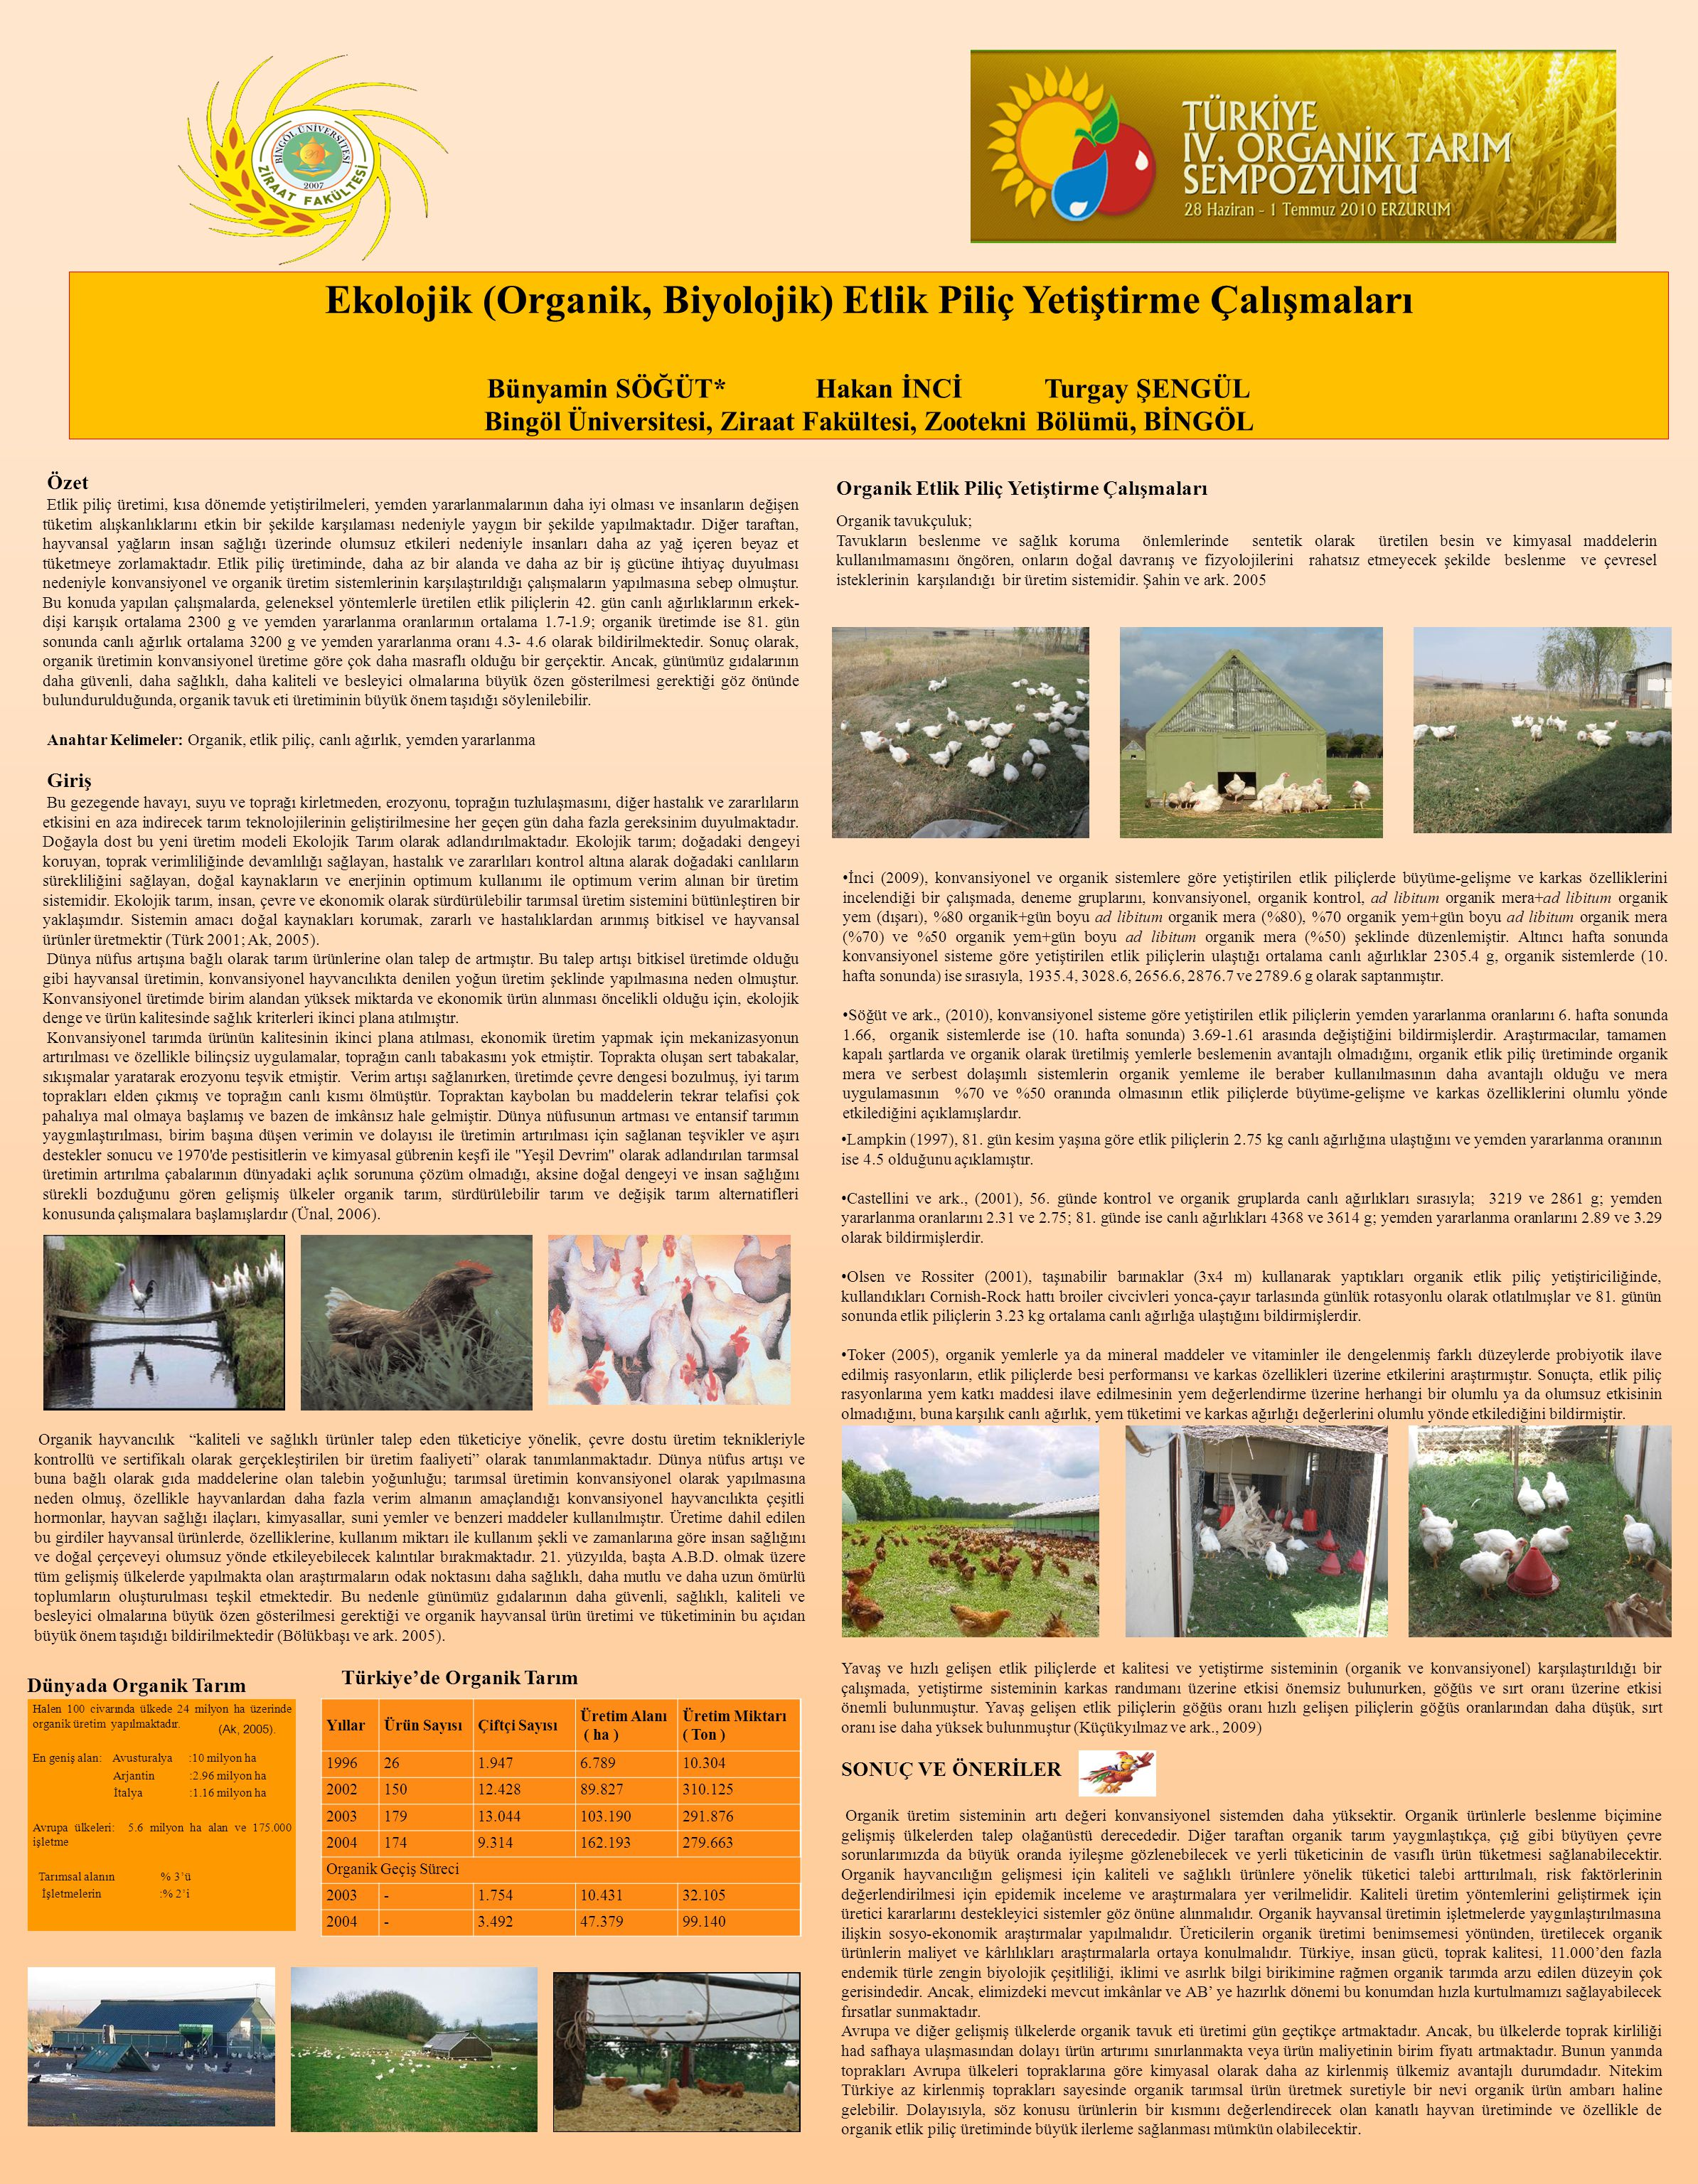 Ekolojik (Organik, Biyolojik) Etlik Piliç Yetiştirme Çalışmaları